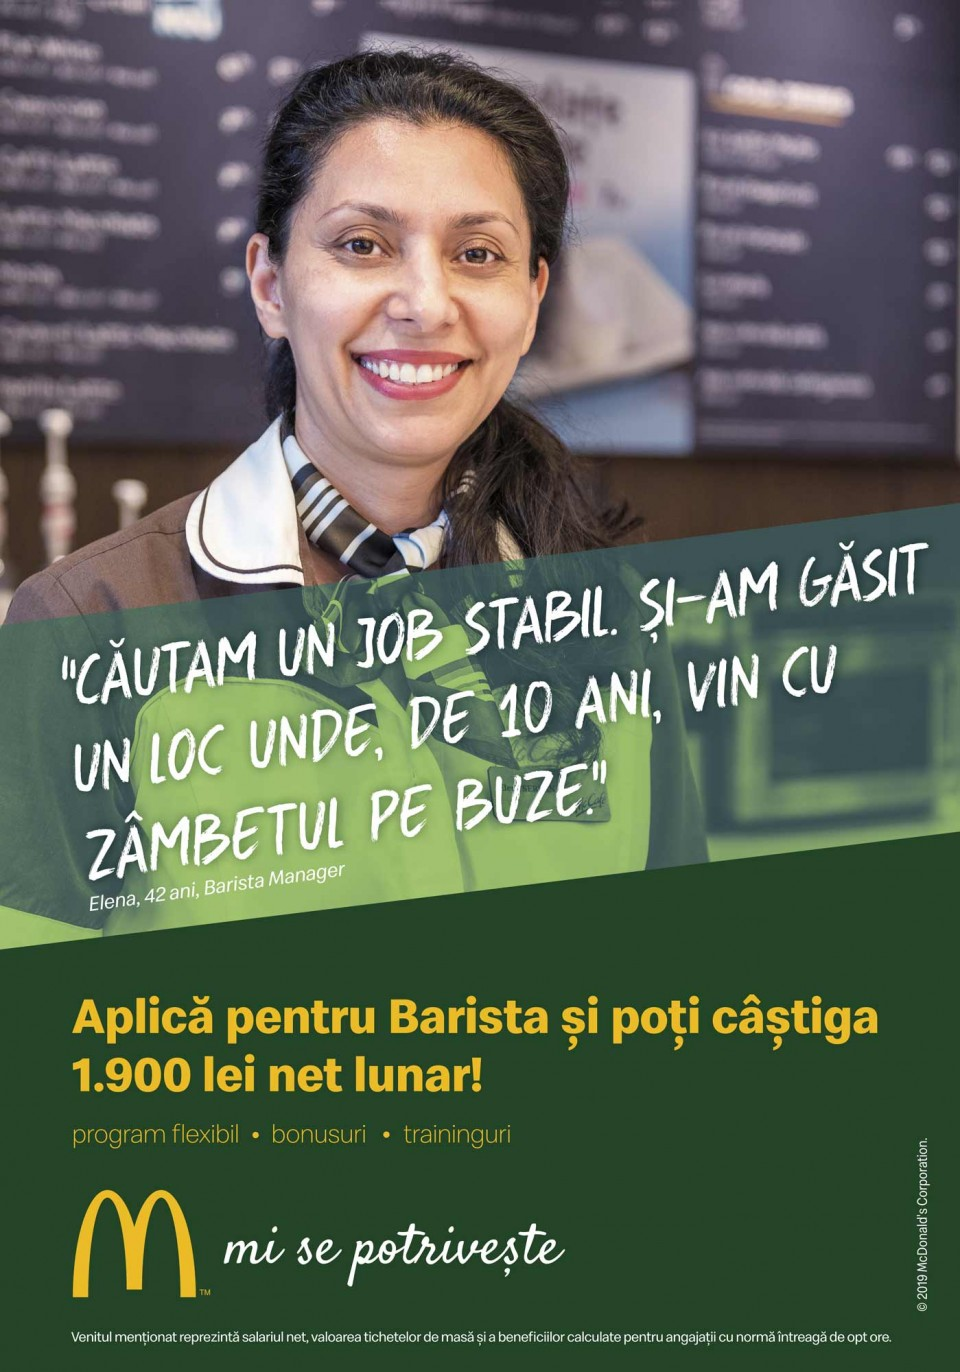 Barista McDonald's în RomâniaCei 5.000 de angajați ai McDonald's în România știu ce înseamnă puterea unui zâmbet.   Echipa McDonald's e formată din oameni muncitori, ambițioși, pentru care interacțiunea cu alți oameni este o bucurie. În fiecare zi, angajații McDonald's întâmpină peste 210.000 de clienți. Ne dorim să aducem în echipa noastră colegi dornici să învețe și să crească în cadrul unei echipe puternice și ambițioase.   McDonald's a deschis primul restaurant în România pe 16 iunie 1995, în Unirea Shopping Center din București. A fost primul pas în construirea unei povești de succes, care se dezvoltă în fiecare an.   În 2016, McDonald's în România a devenit Premier Restaurants România, ca urmare a parteneriatului pentru dezvoltare încheiat cu Premier Capital, compania malteză care coordonează operațiunile McDonald's din șase țări europene: Estonia, Grecia, Letonia, Lituania, Malta și România.  Astăzi, McDonald's are 78 de restaurante în 23 de orașe din România și este liderul pieței de restaurante cu servire rapidă. În același timp, lanțul McCafé, are în prezent 33 de cafenele în România și crește de la an la an.    http://mcdonalds.ro